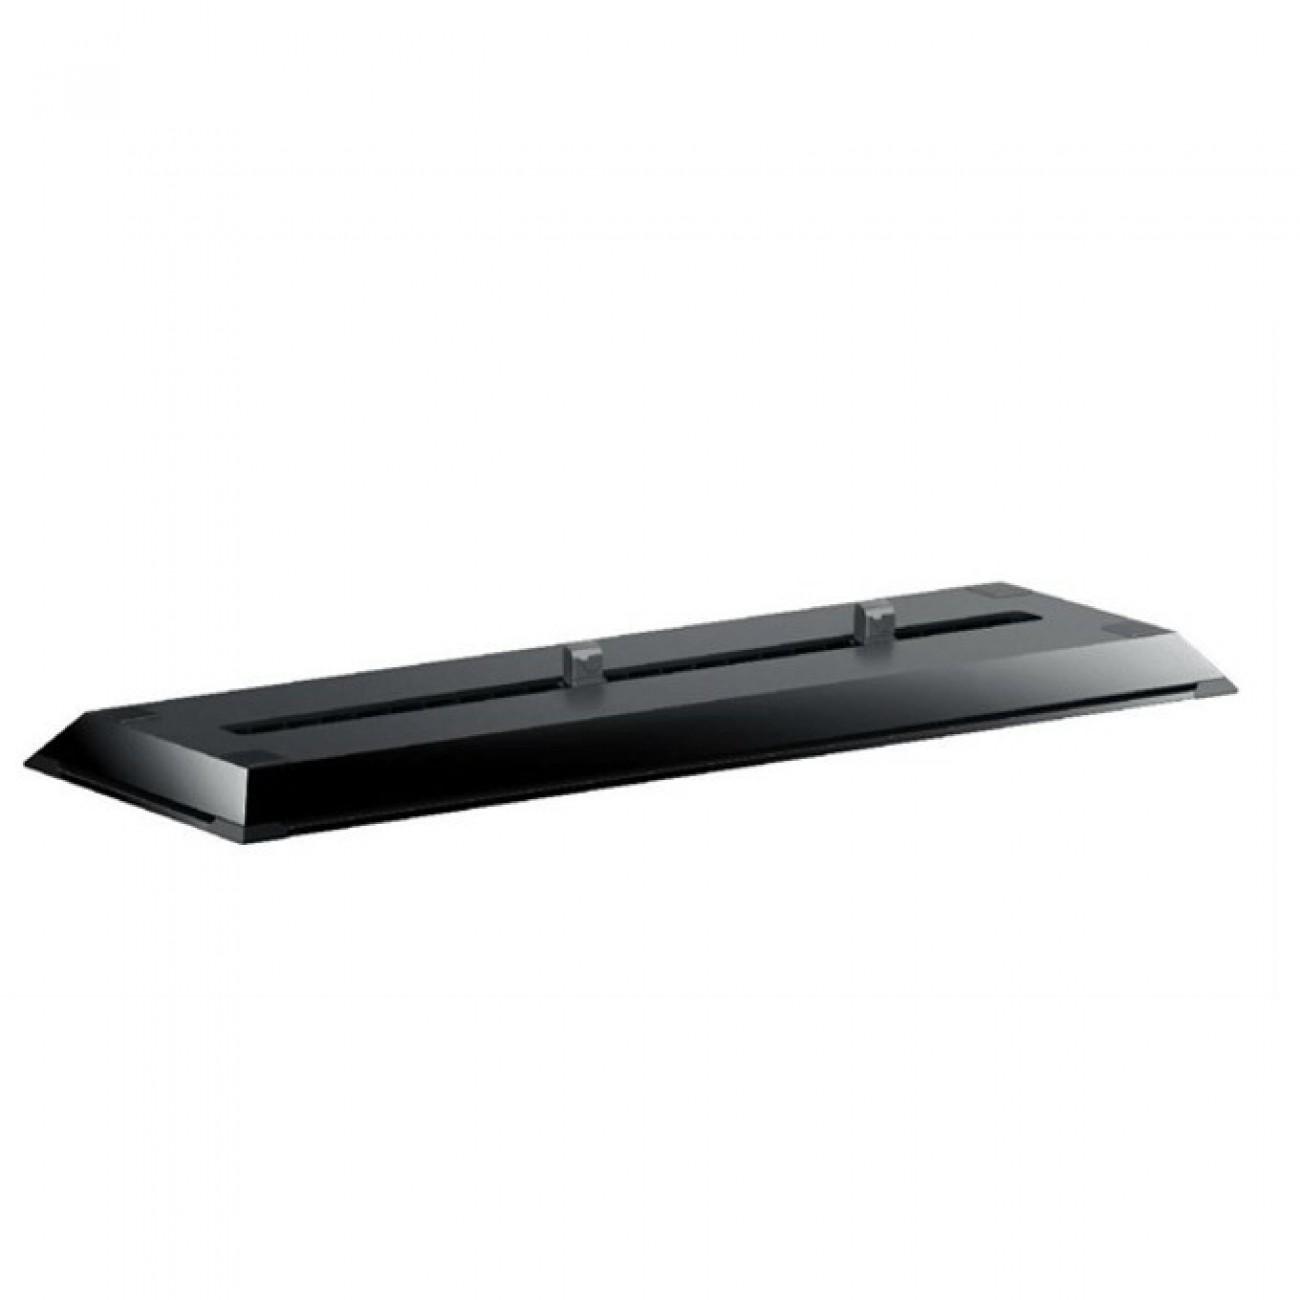 Вертикална стойка за Sony PlayStation 4, черна в Аксесоари за Конзоли -  | Alleop